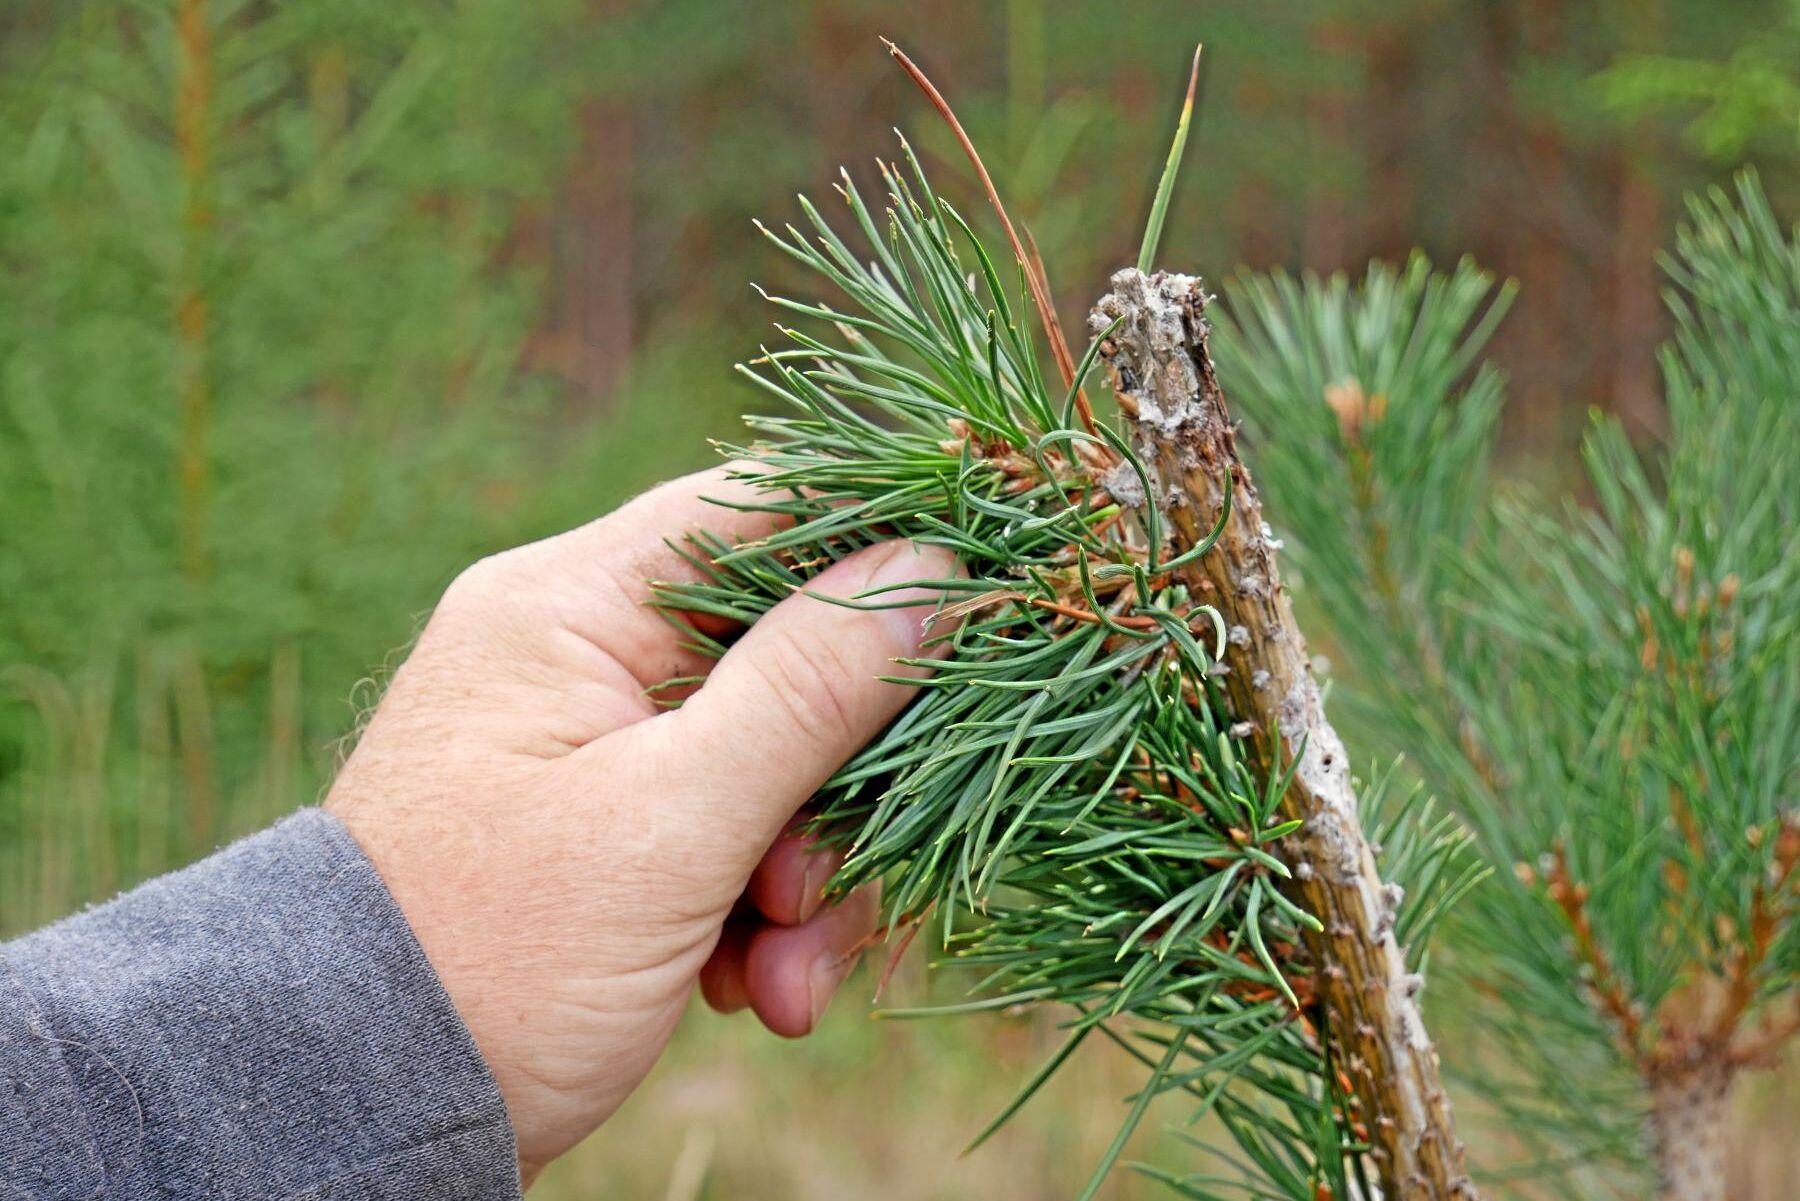 Hjortdjur mumsar på tallarna i oförminskad skala i Svealand och Gävleborgs län. Skadornas värde uppskattas till miljardbelopp varje år, och betestrycket försvårar också en klimatanpassning av skogen.